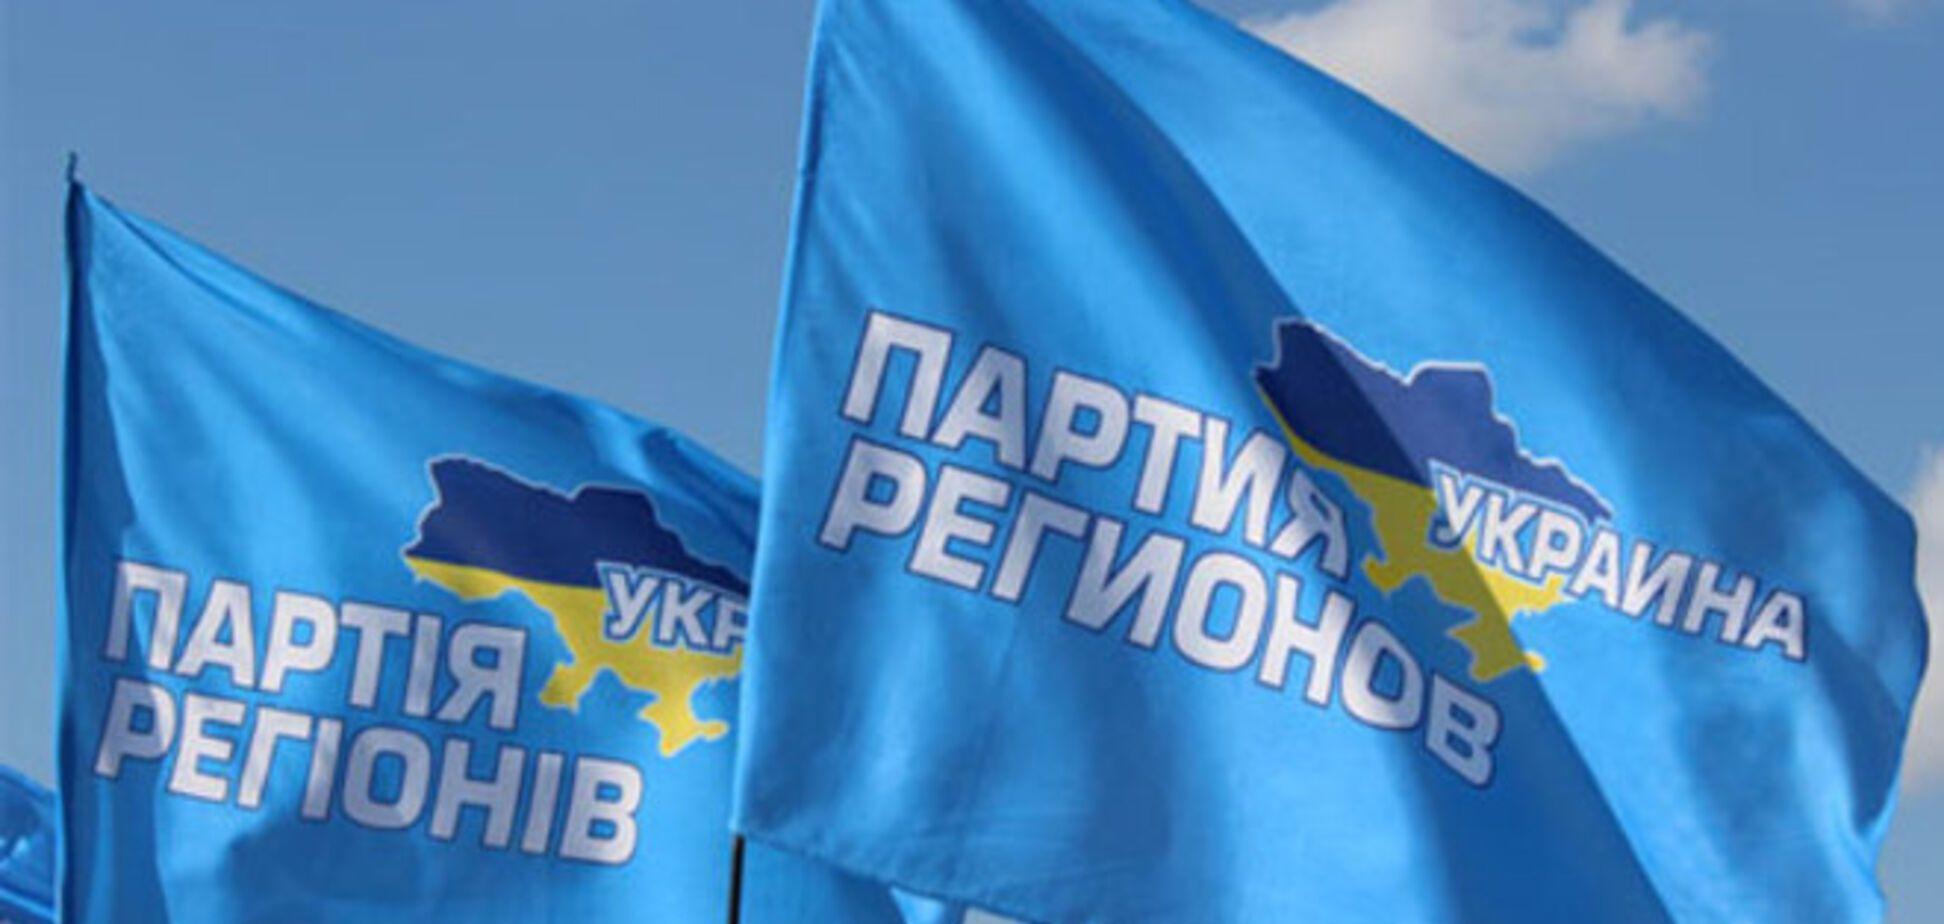 Партія регіонів вирішила не брати участь у виборах - Колесніков